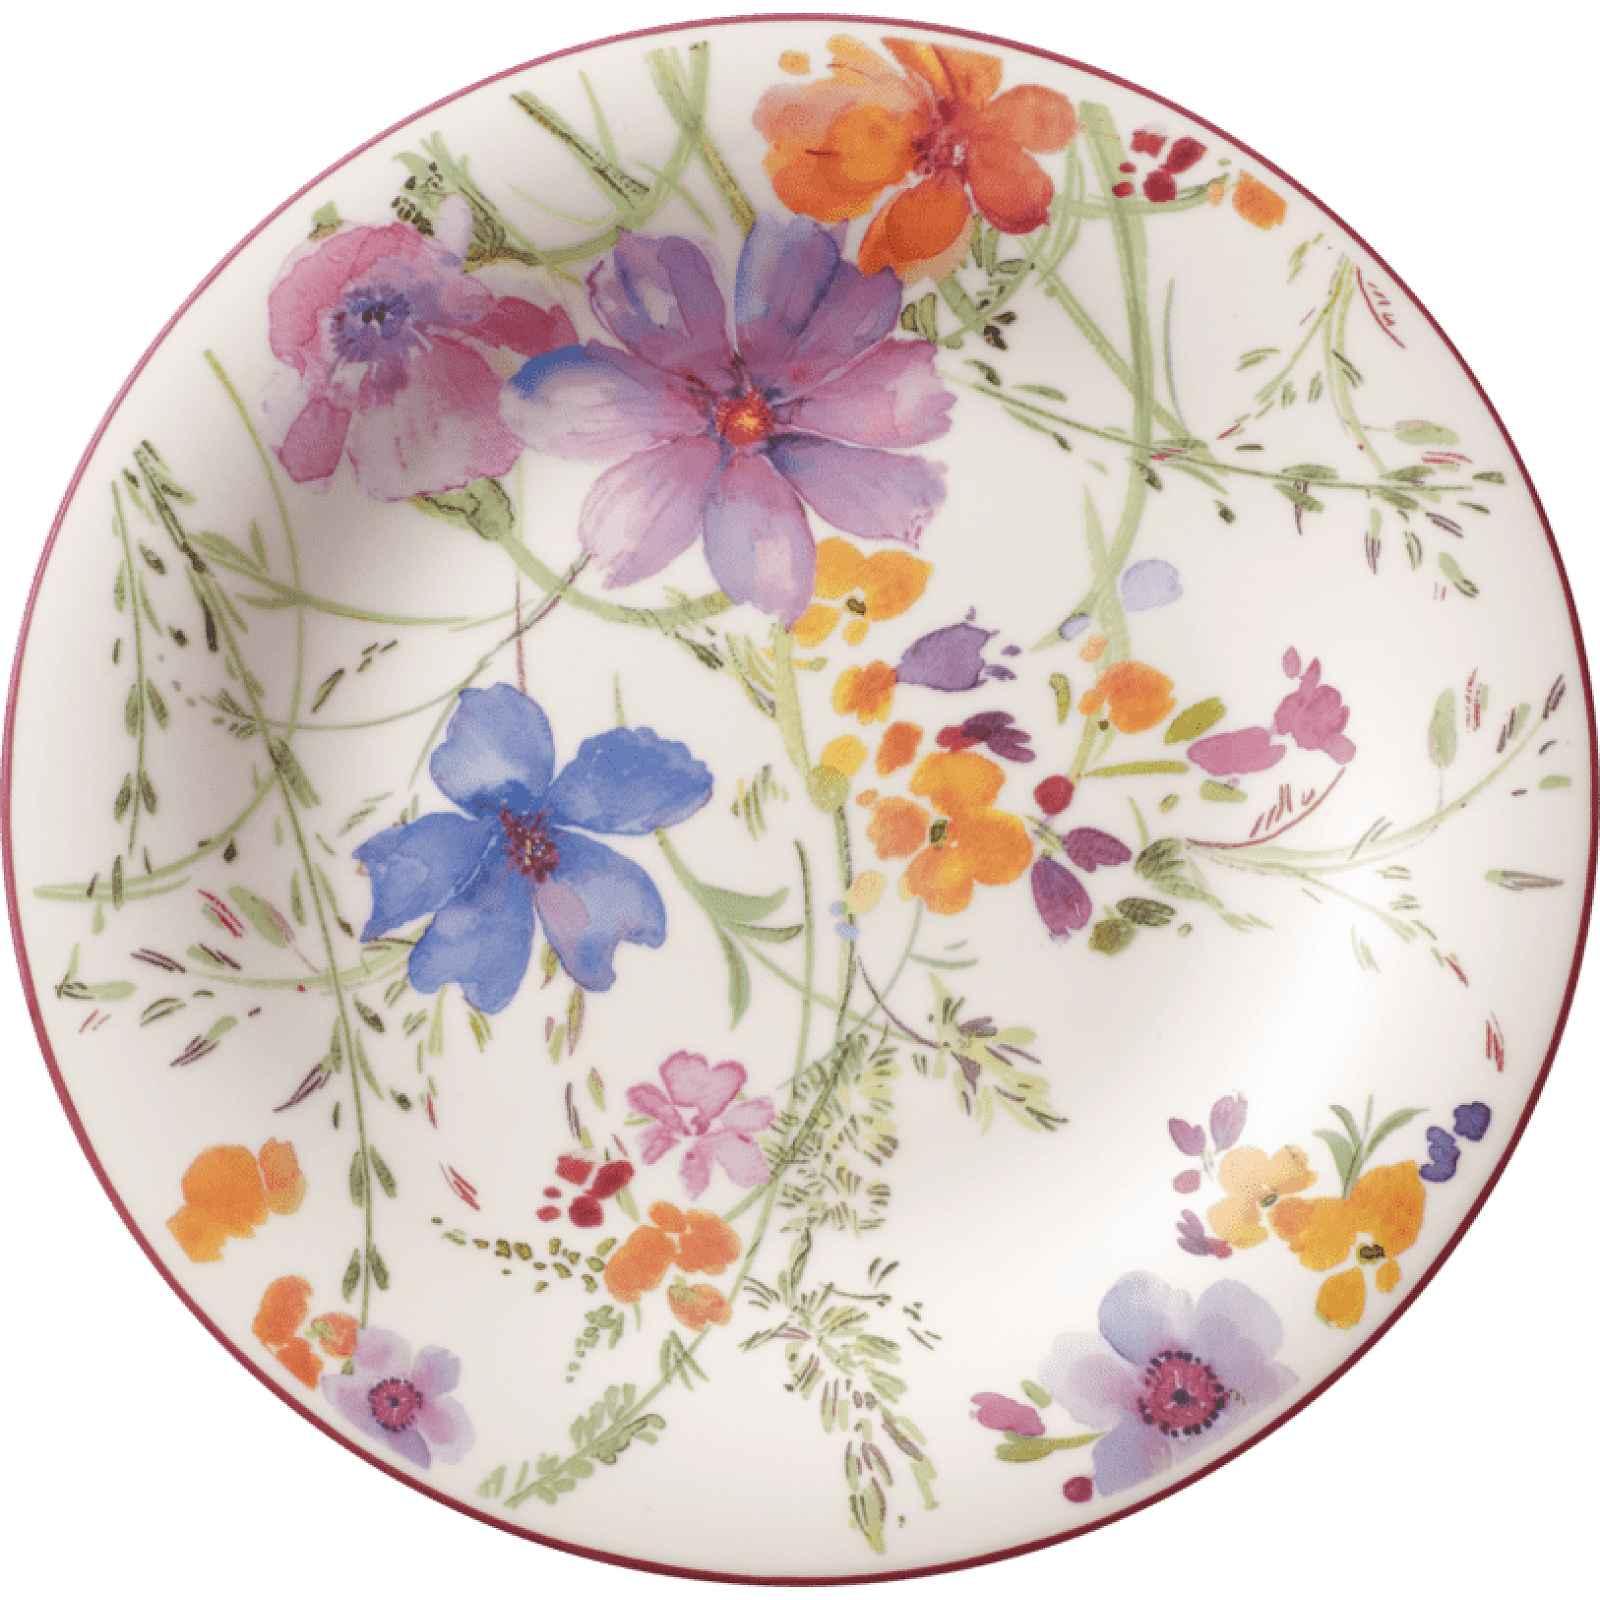 Dezertní porcelánový talíř s motivem květin Villeroy & Boch Mariefleur Tea, 21 cm